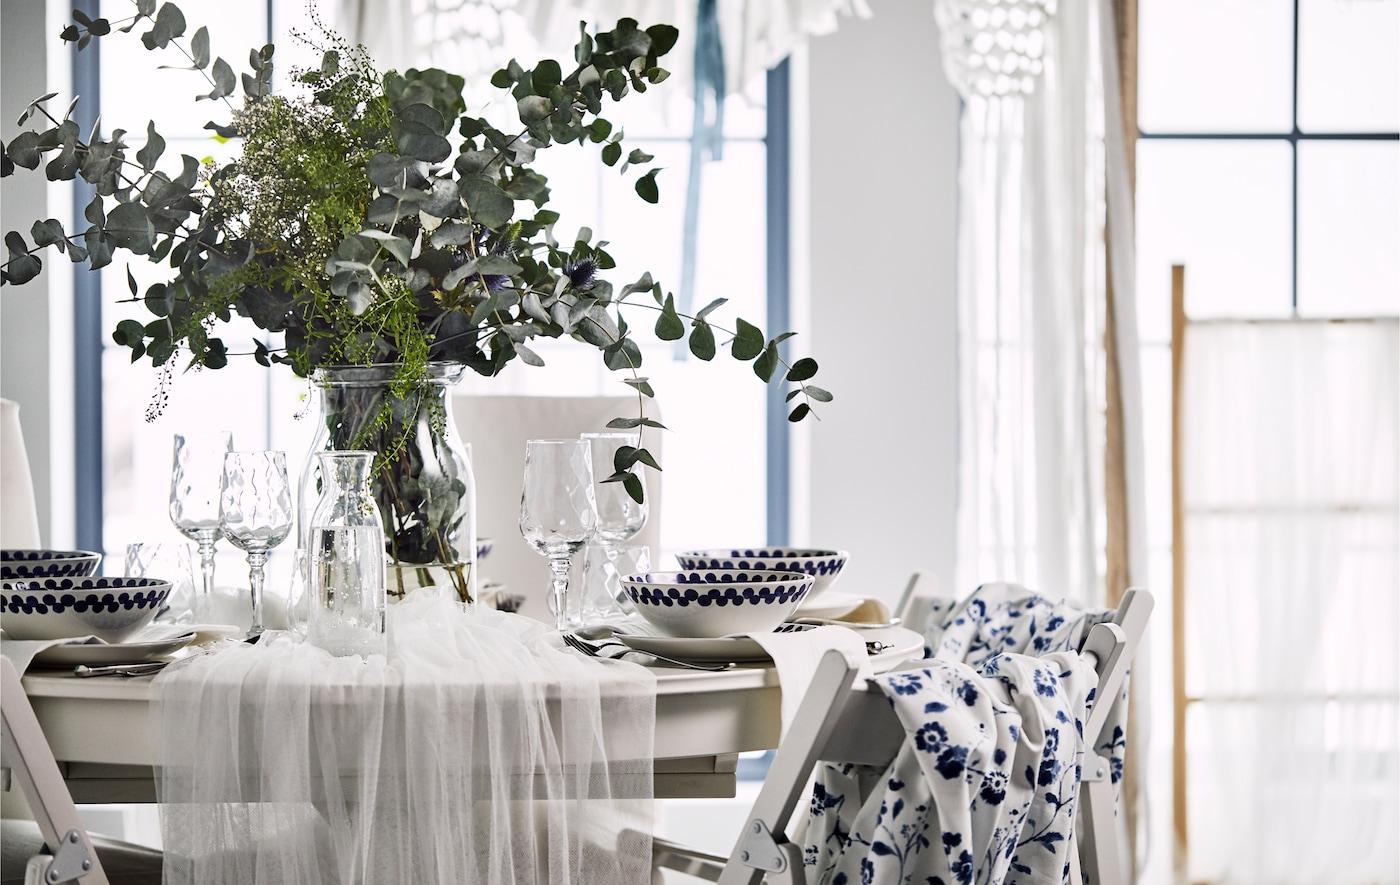 Mahai biribil baterako dekorazio erromantikoa; mahaia tul zuriz estalita dago eta basa-loreak eta eukalipto hostoak dauzkan pitxerra du gainean.